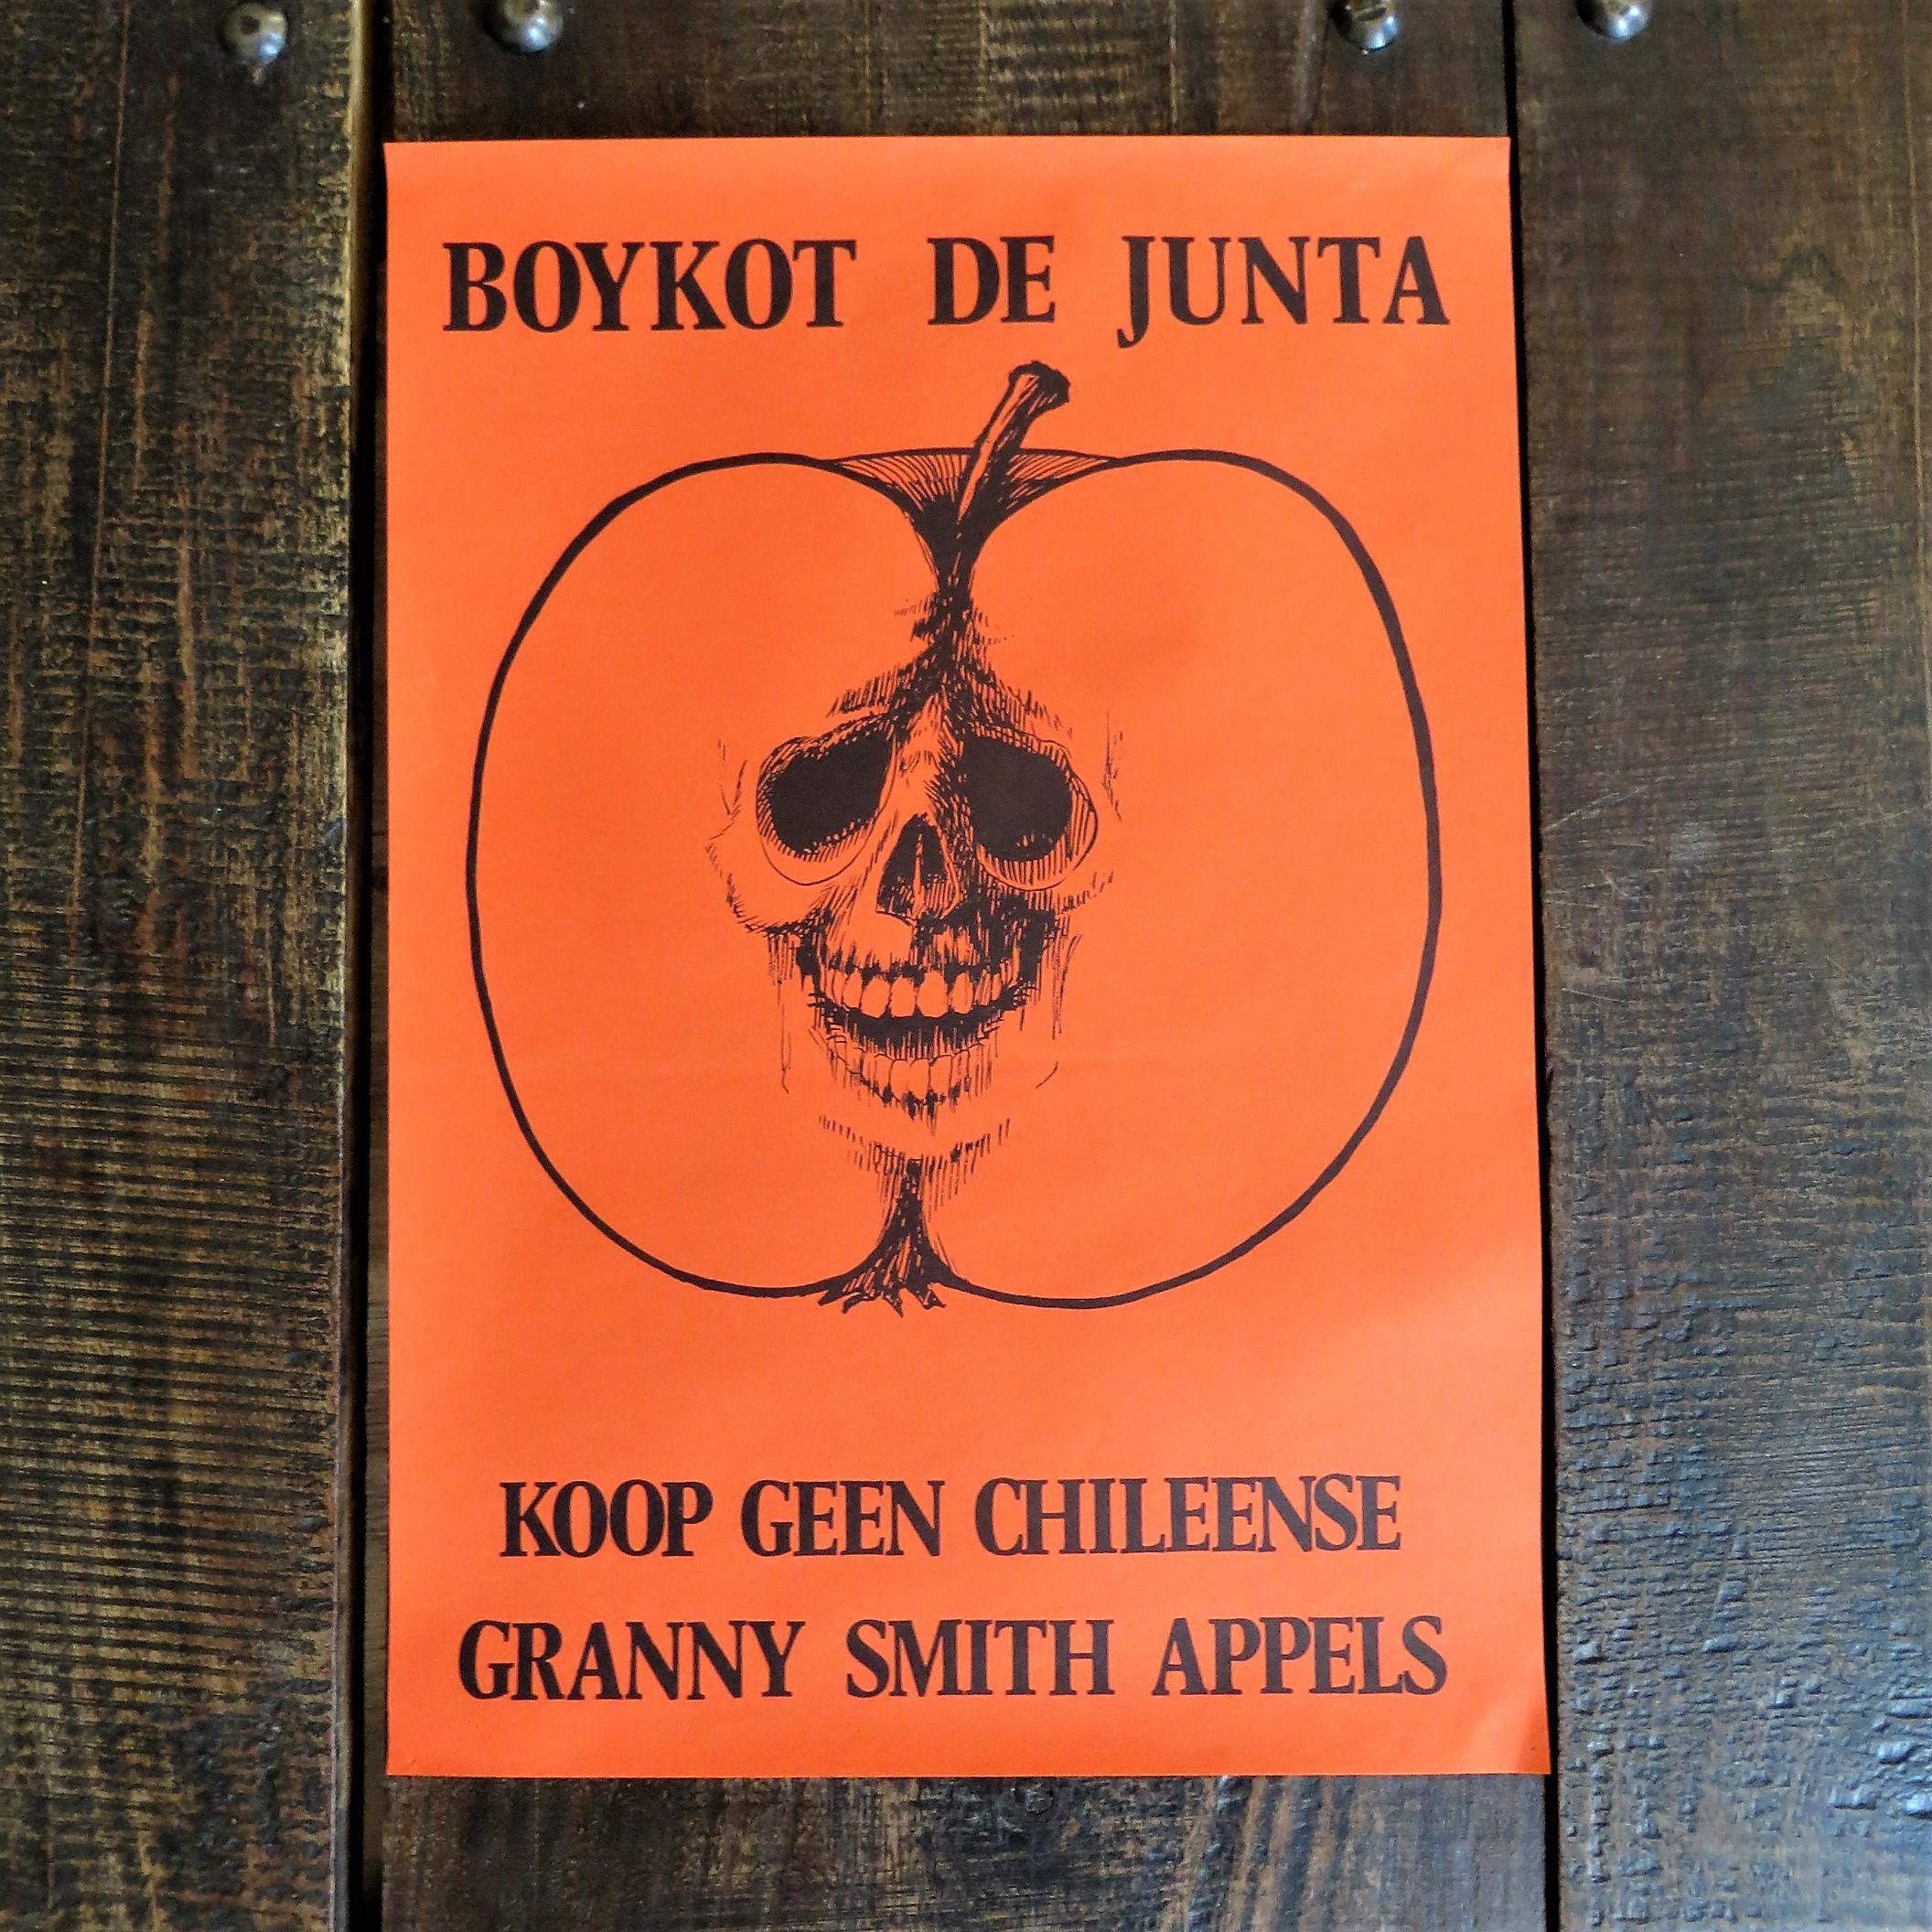 poster-koop-geen-chileense-appels-1